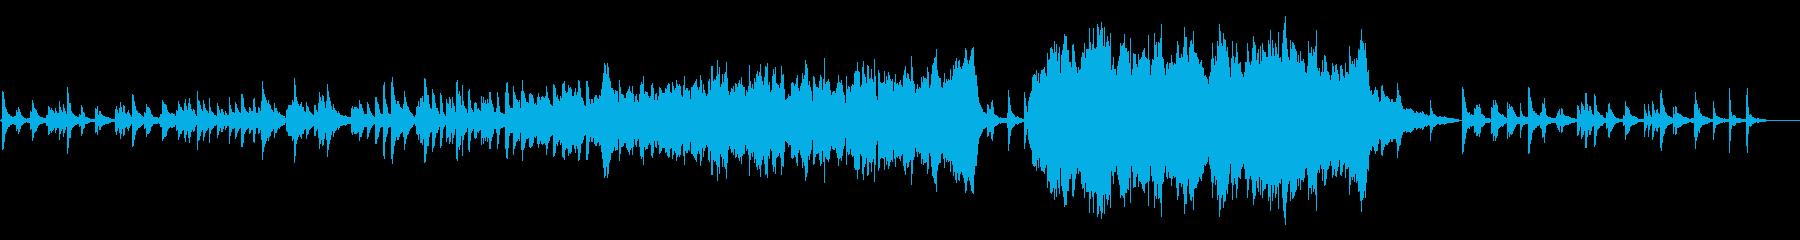 感動的なオーケストラ/卒業式/泣ける曲の再生済みの波形